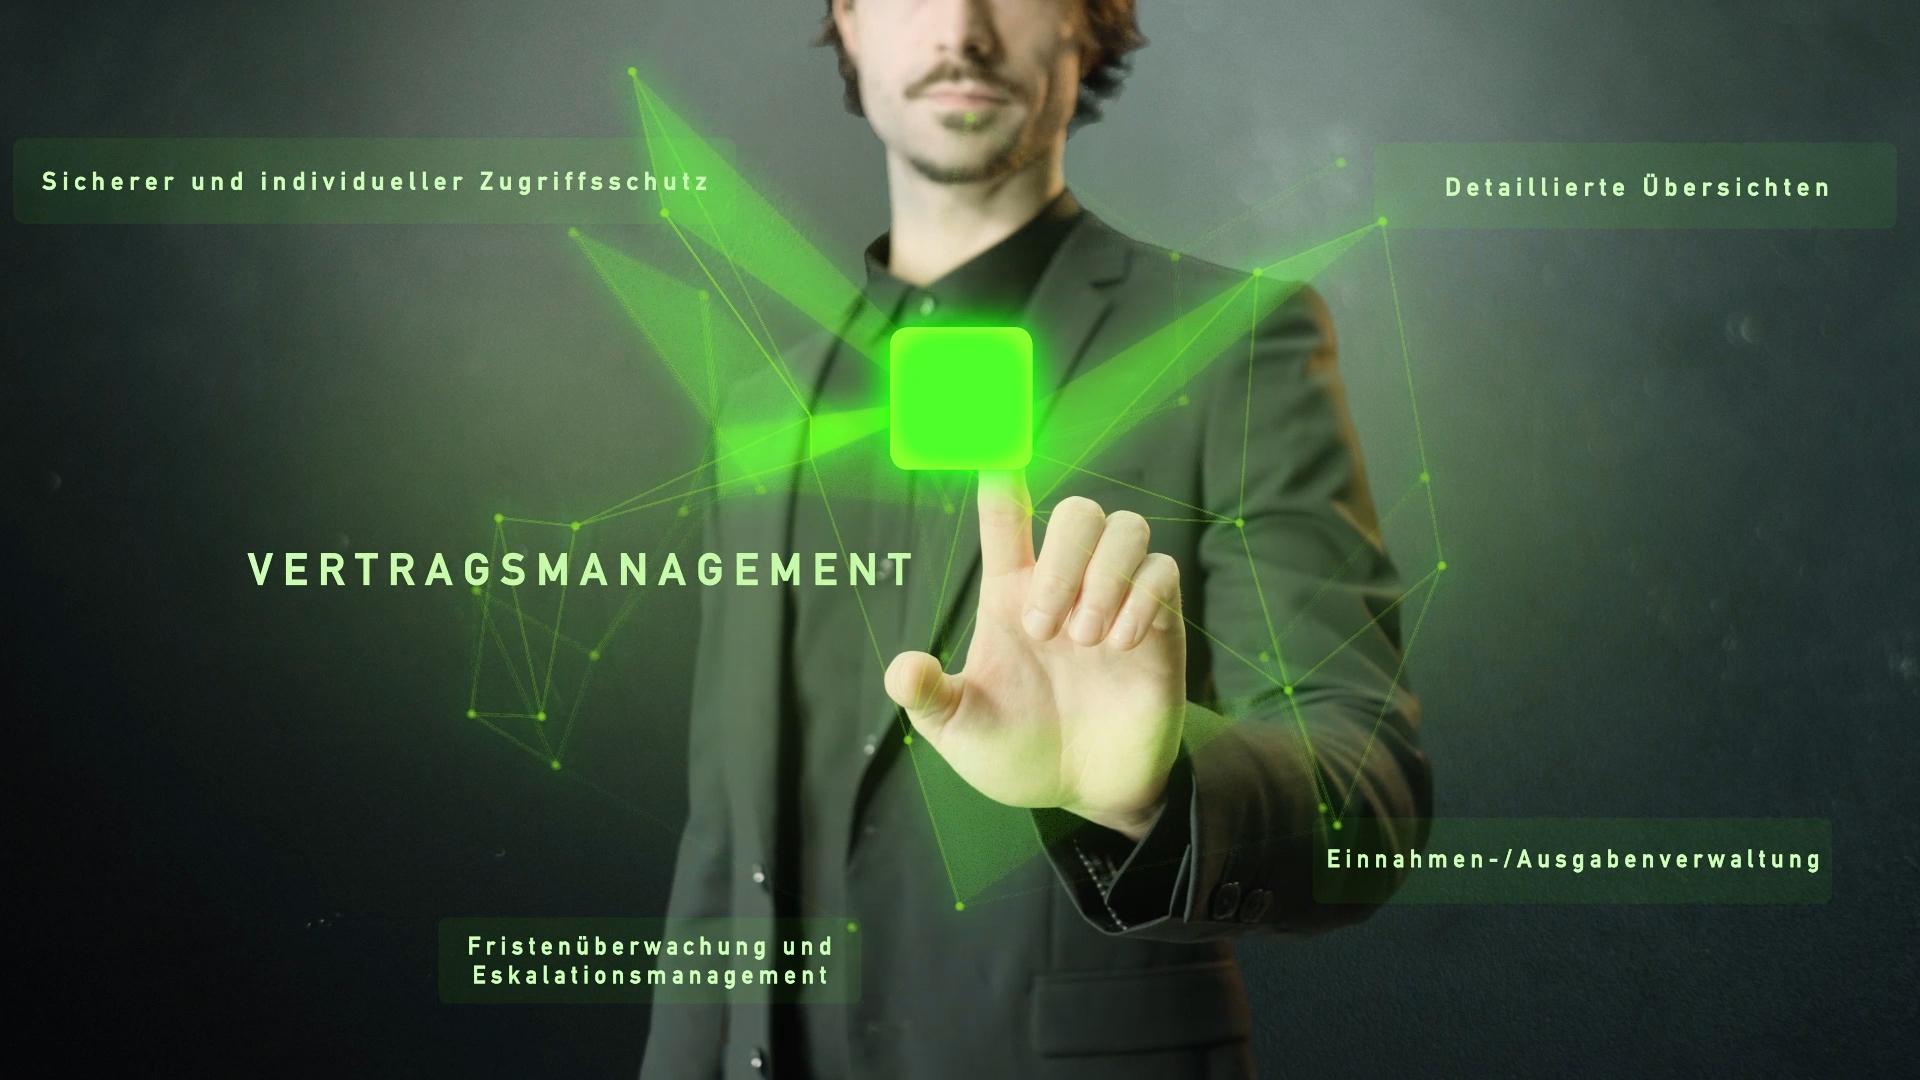 grünes Netzwerk mit Wort Vertragsmanagement und Mann im Hintergrund